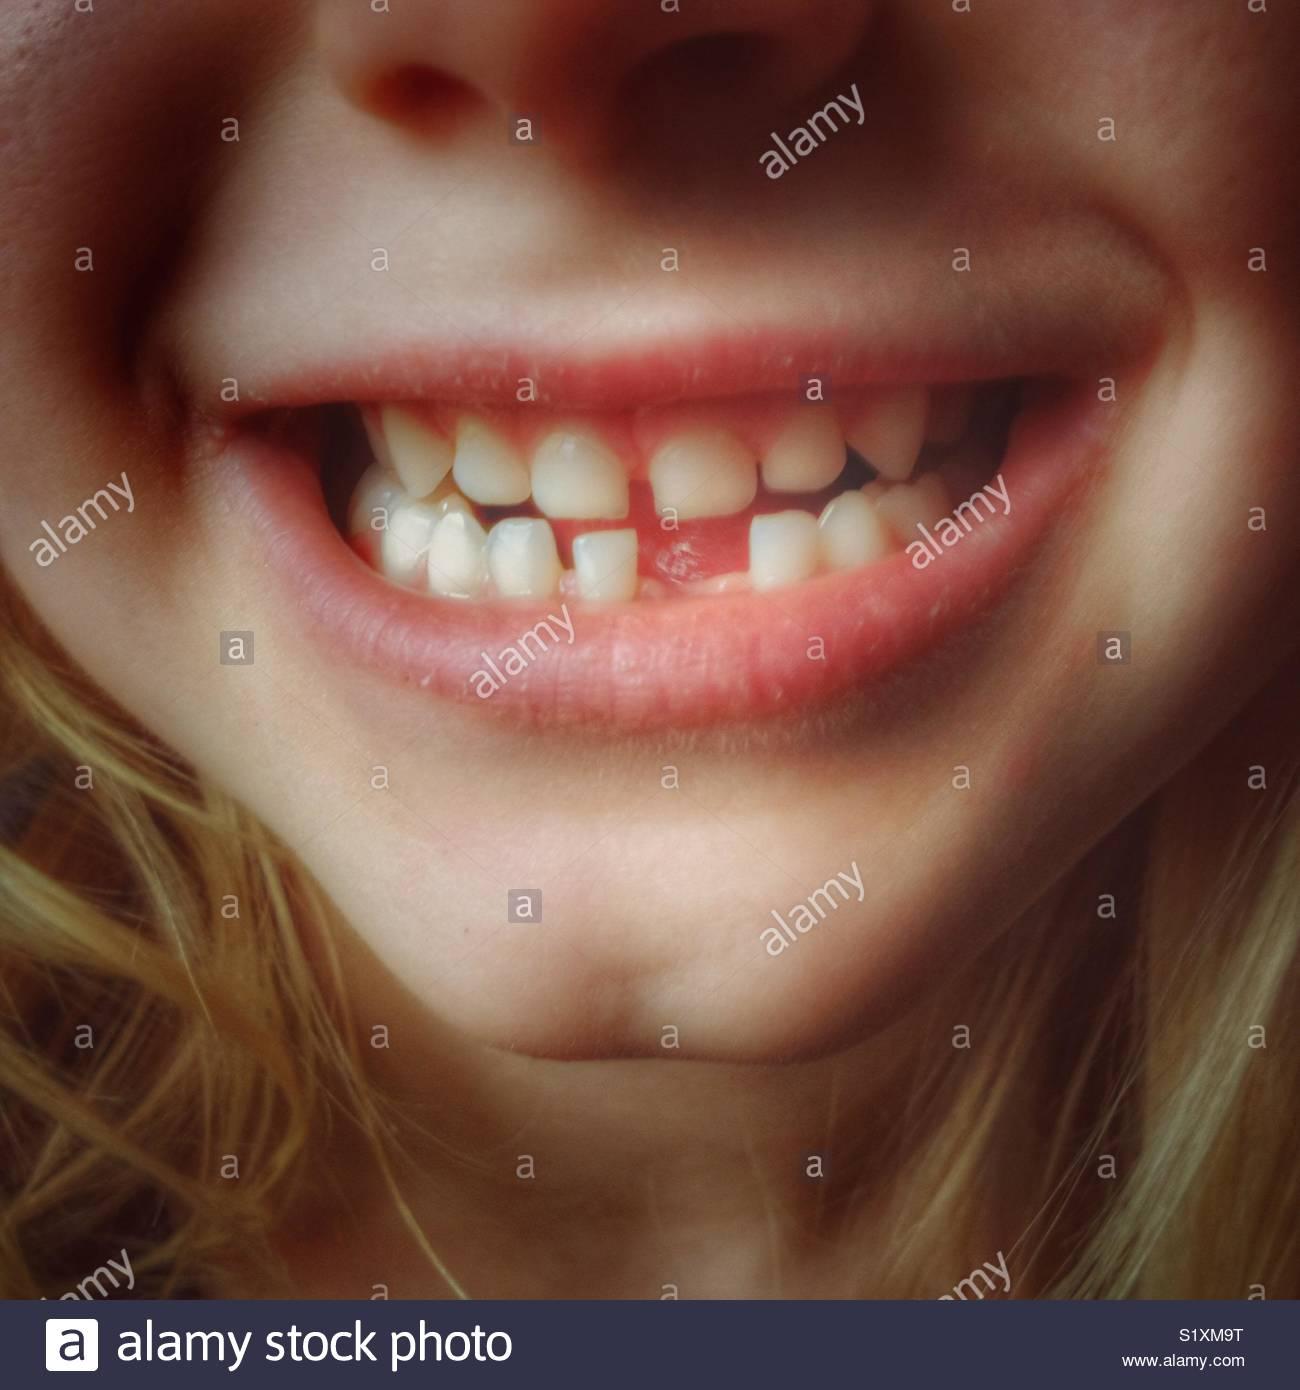 Bambino con mancante dente anteriore closeup Foto Stock